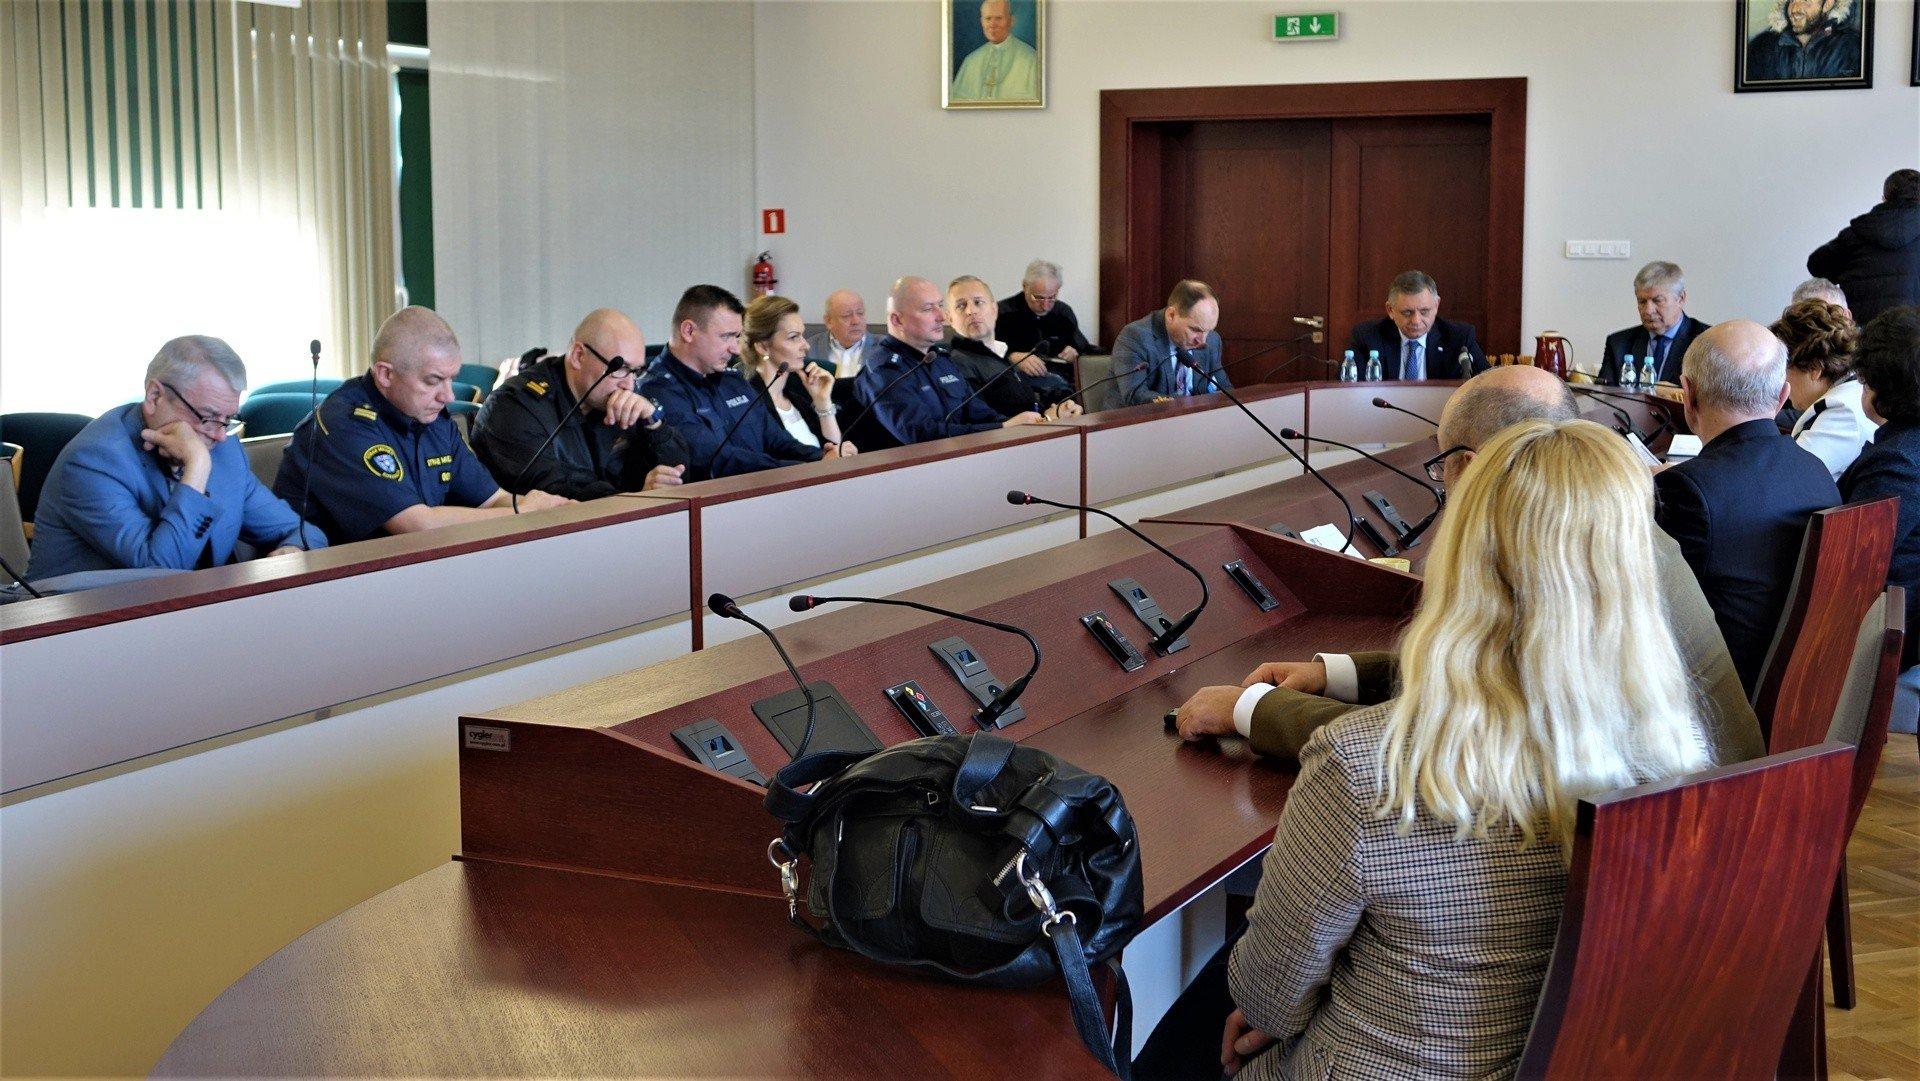 Dwa podejrzenia koronawirusa w Koszalinie. W ratuszu zebrała się Komisja do Spraw Bezpieczeństwa i Porządku Publicznego [WIDEO] | Głos Koszaliński